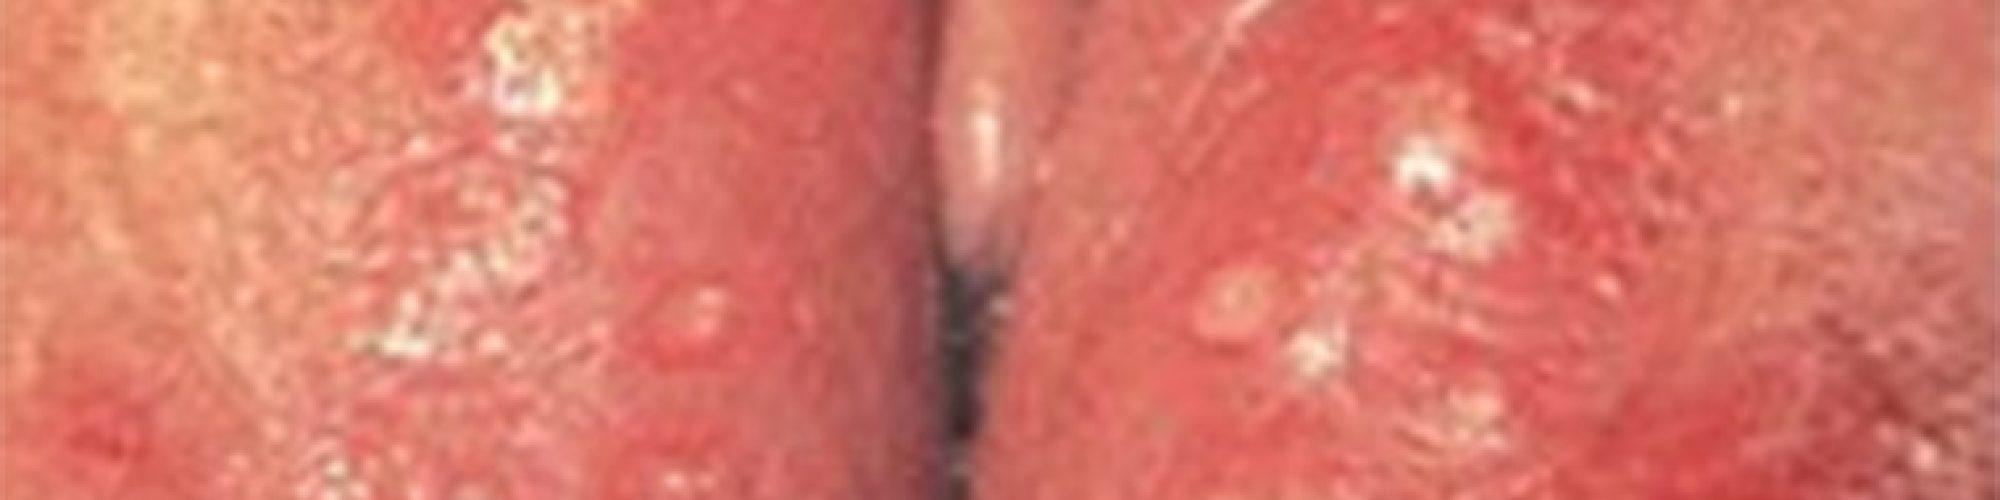 vulvo-vaginite-herpetique